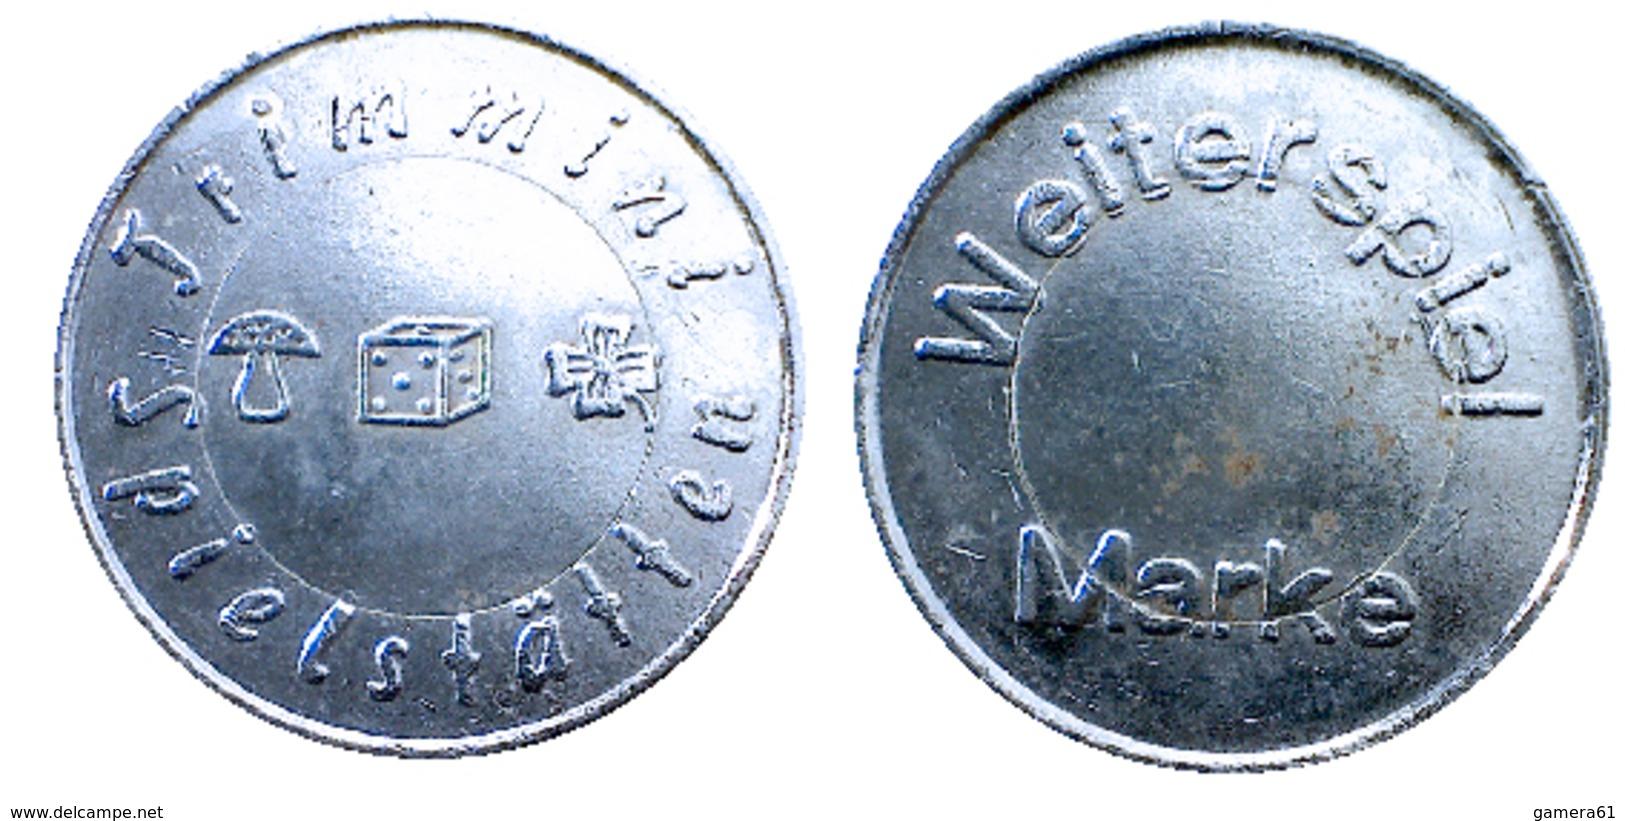 03425 GETTONE TOKEN JETON GAMING SPIELMARKE TRIMMINI SPIELSTATTEN WEITERSPIEL MARKE - Allemagne